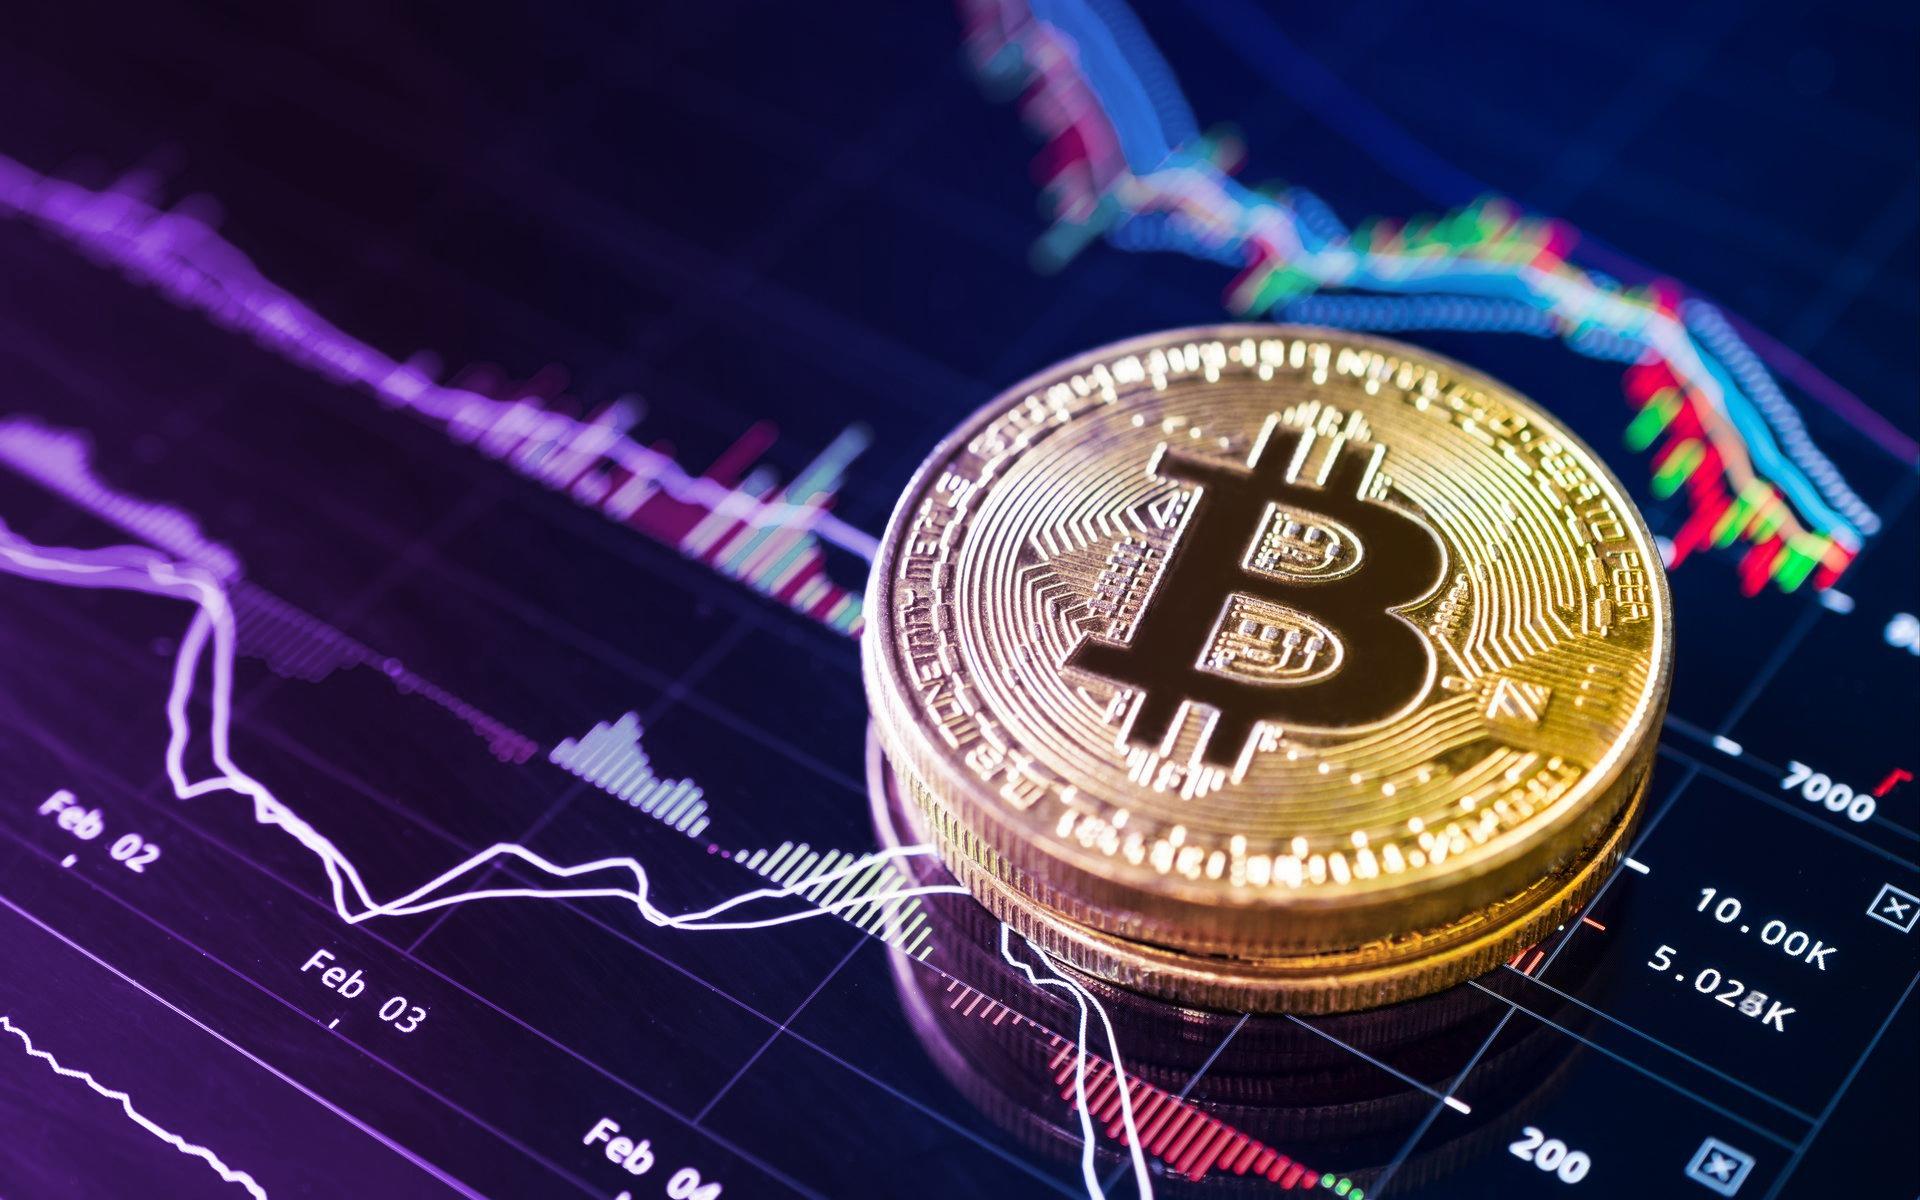 Por qué sube el Bitcoin en medio de la pandemia? - Duna 89.7 | Duna 89.7